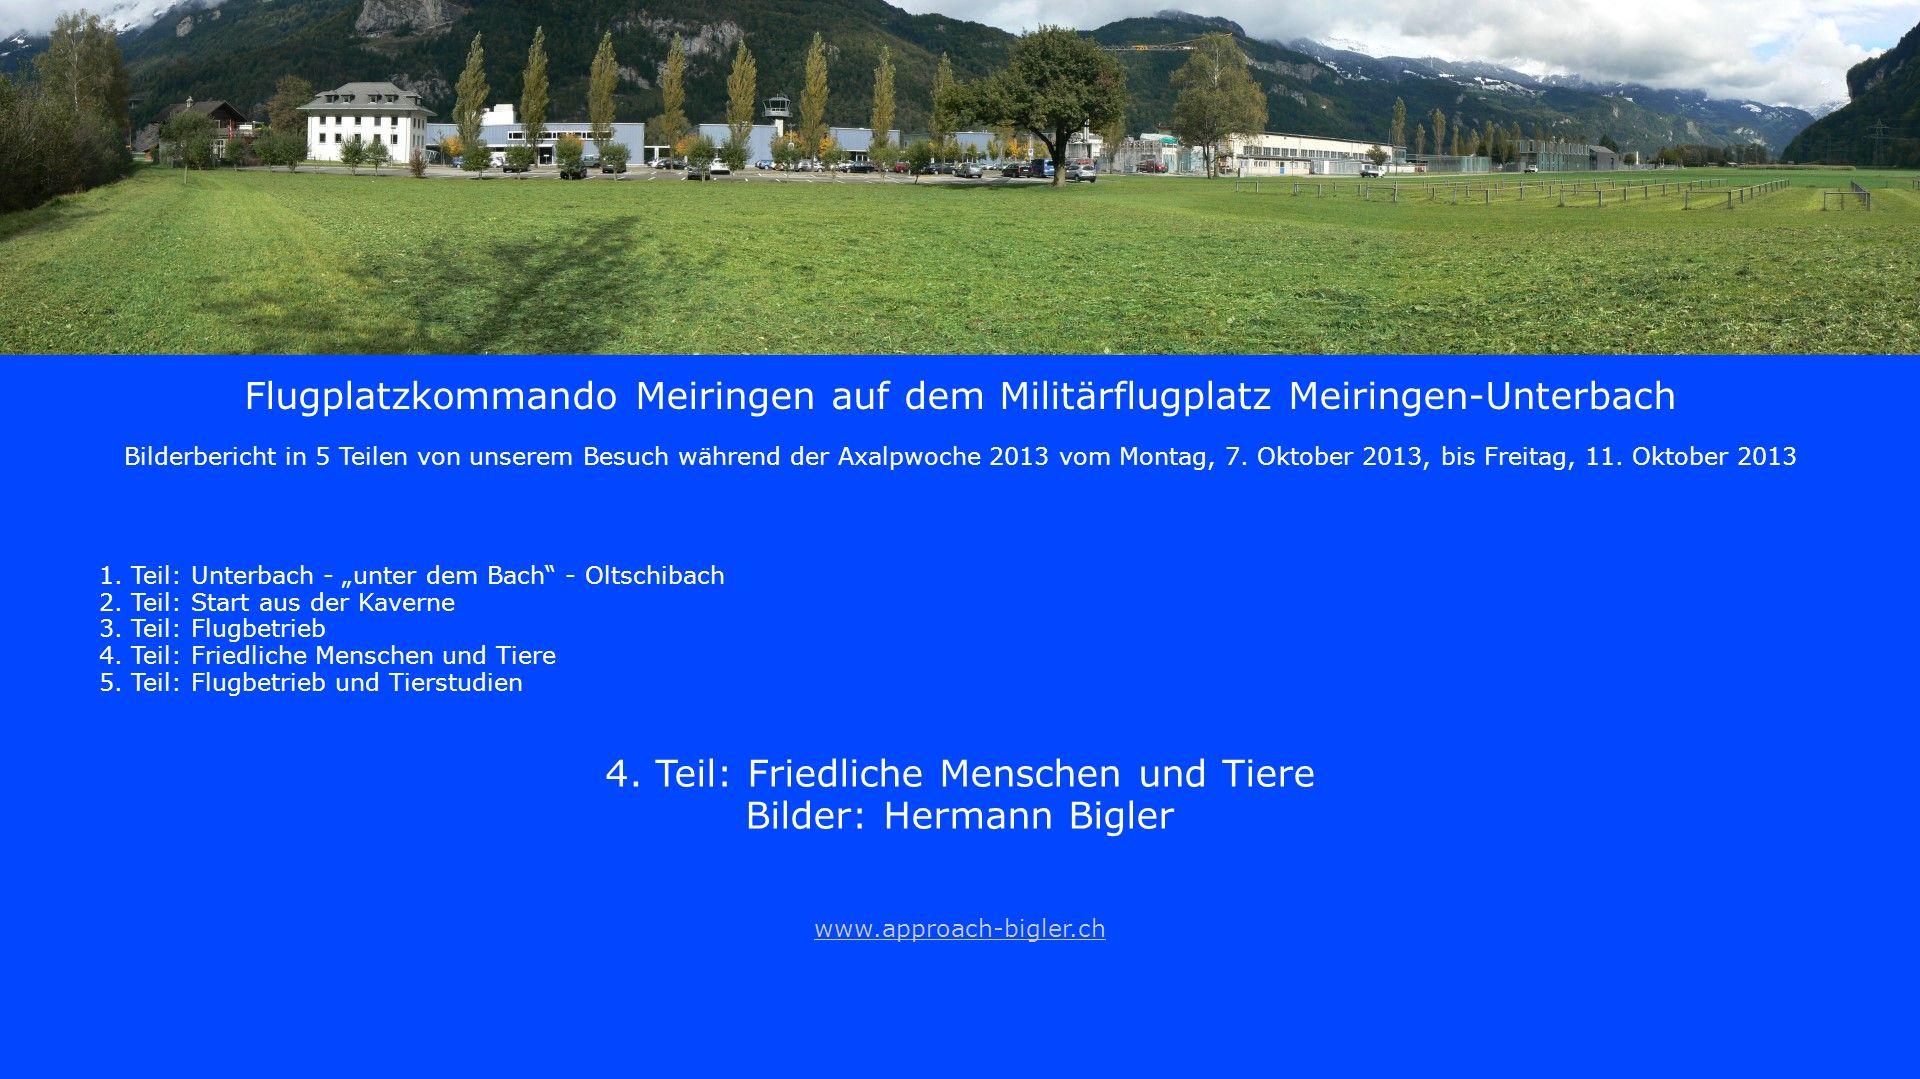 4. Teil: Friedliche Menschen und Tiere Bilder: Hermann Bigler